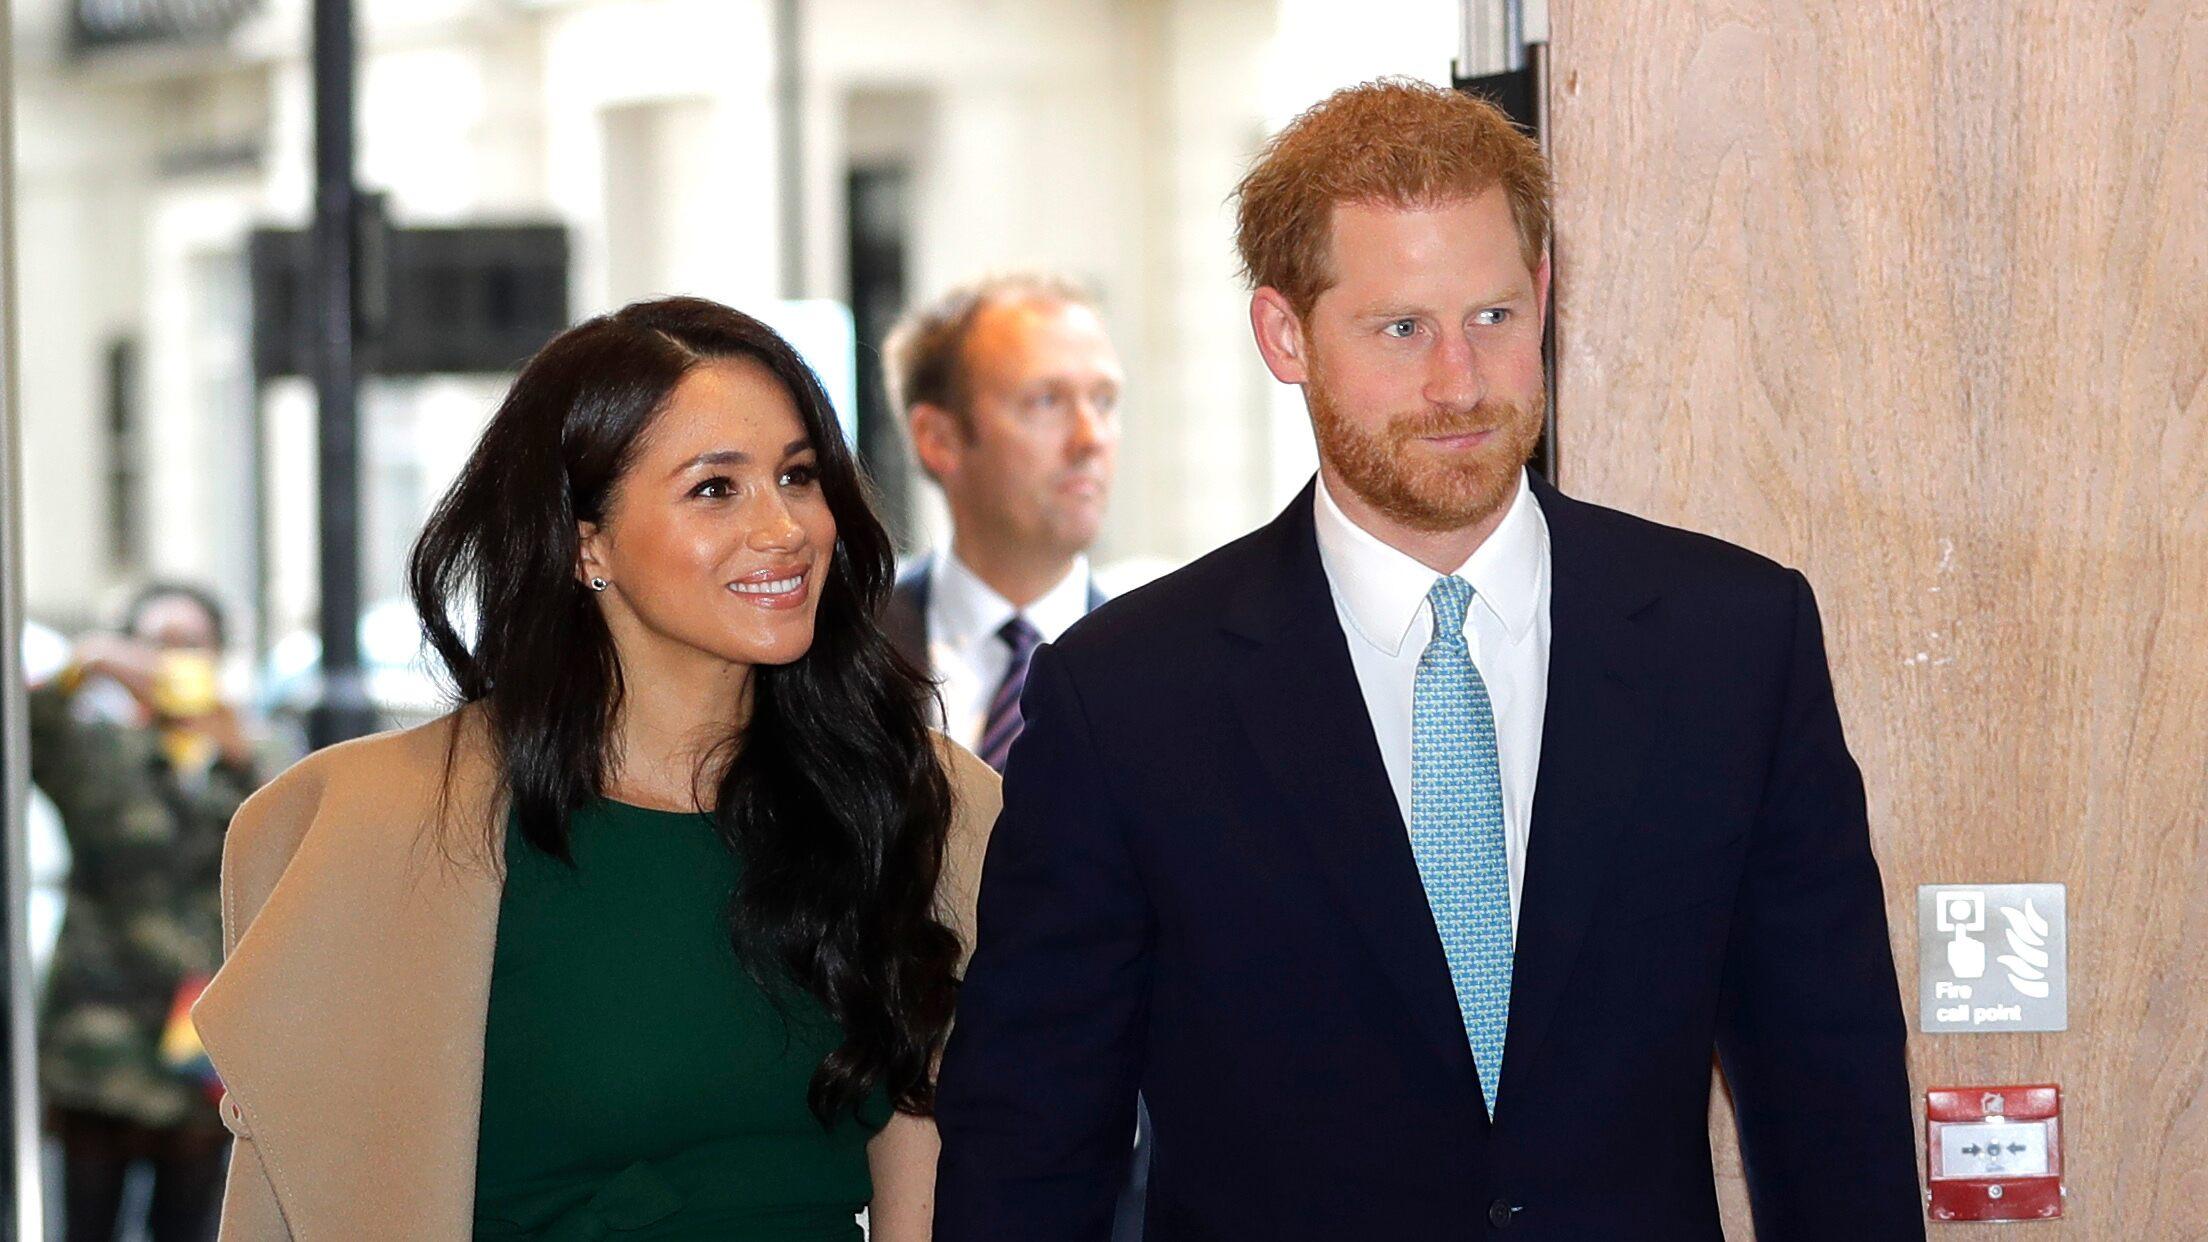 Meghan Markle, Prince Harry help